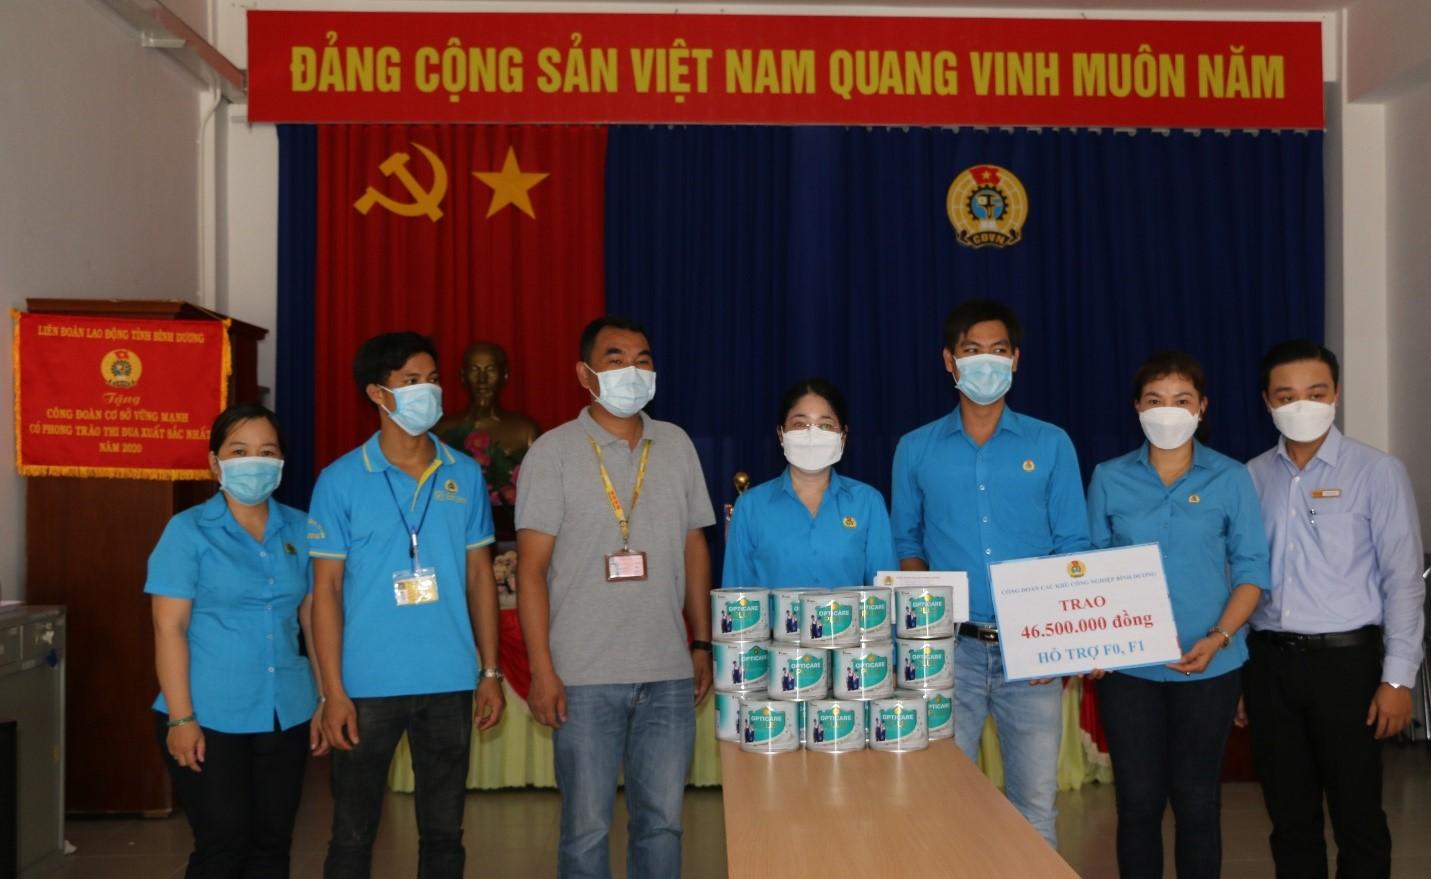 Các phần quà được gửi cho công nhân Công ty TNHH Fuku Việt Nam tại khu cách ly tập trung